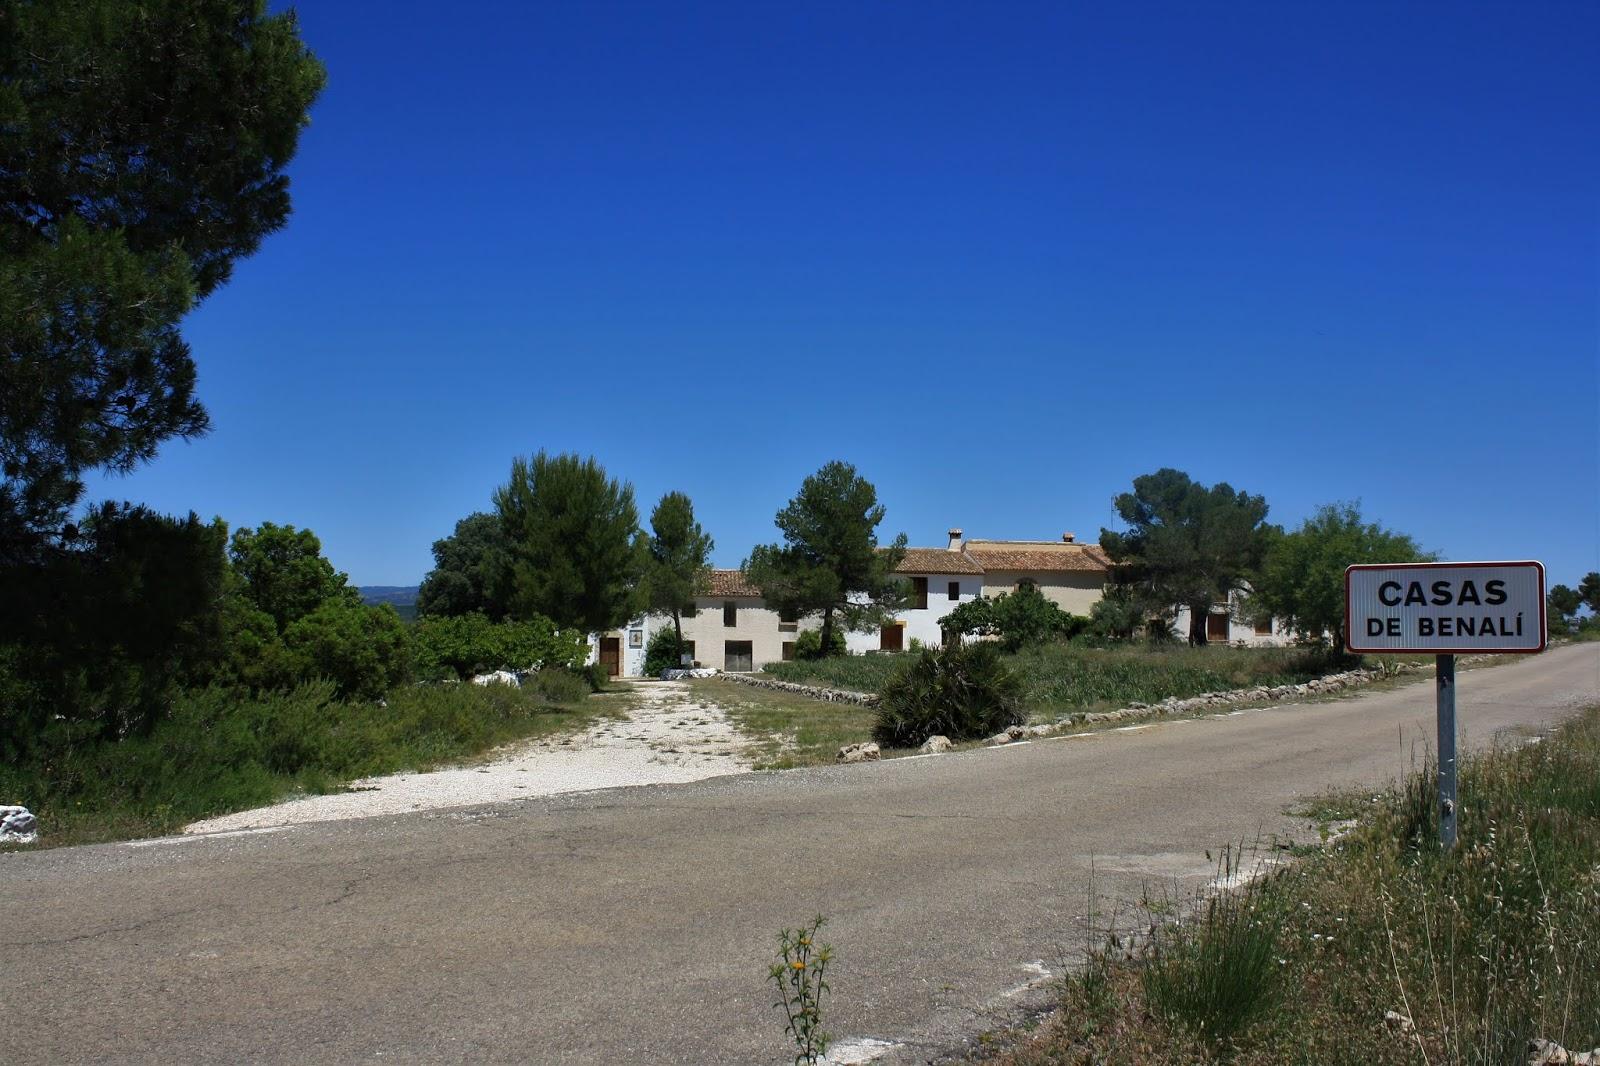 Caserio de Benalí, Sierra de Enguera, Valencian Community, Spain